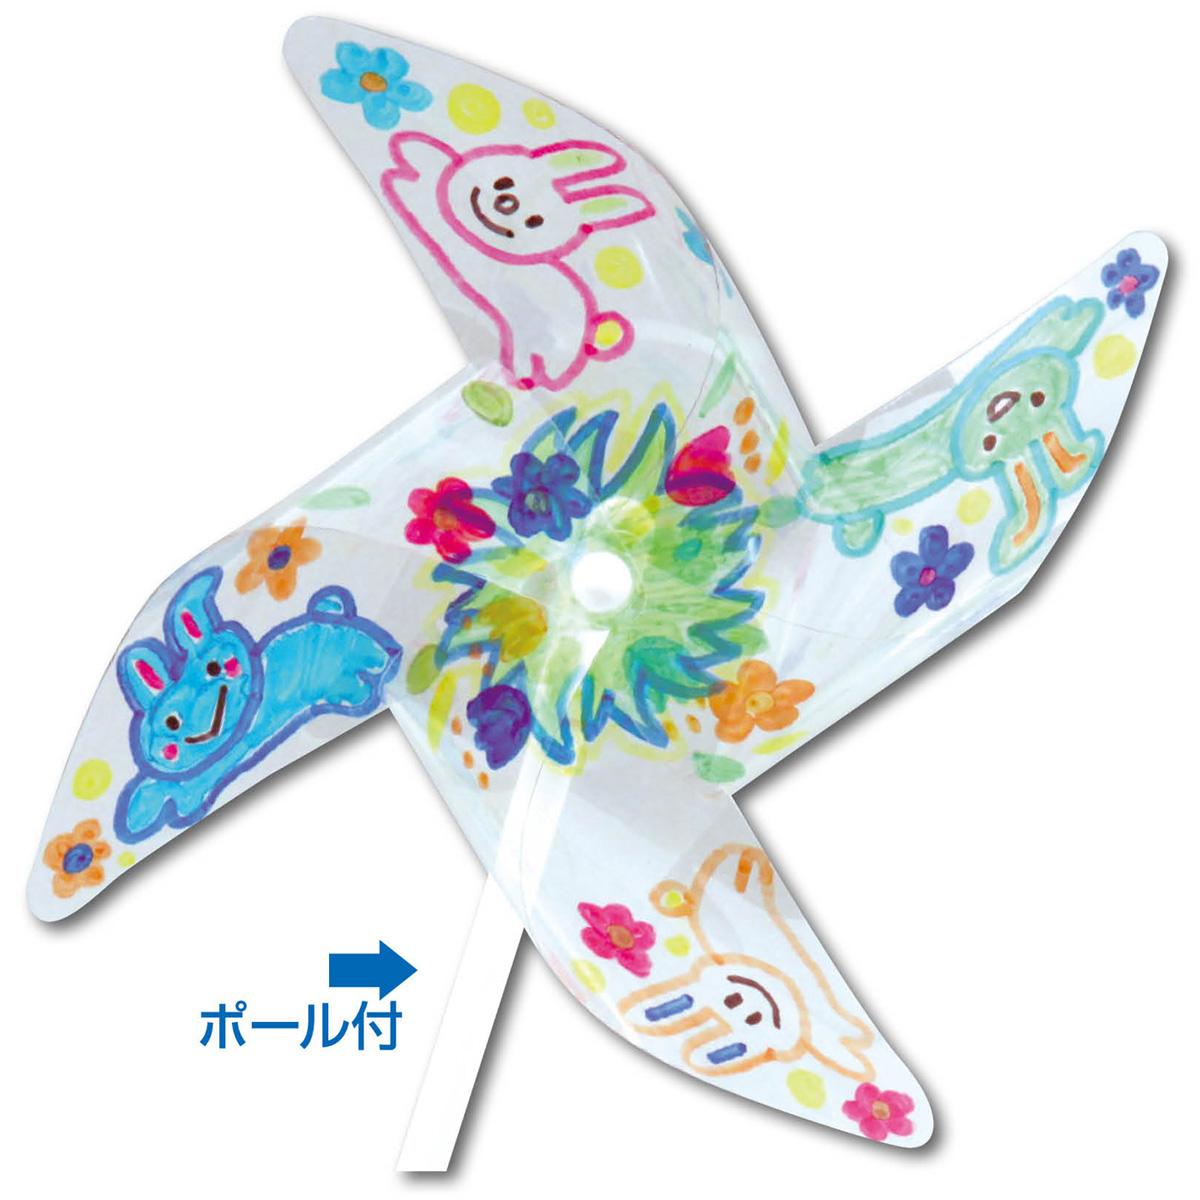 ミニクリア かざぐるま 風車 お絵かき 幼児 子供 キッズ おもちゃ 知育玩具 クリスマスプレゼント